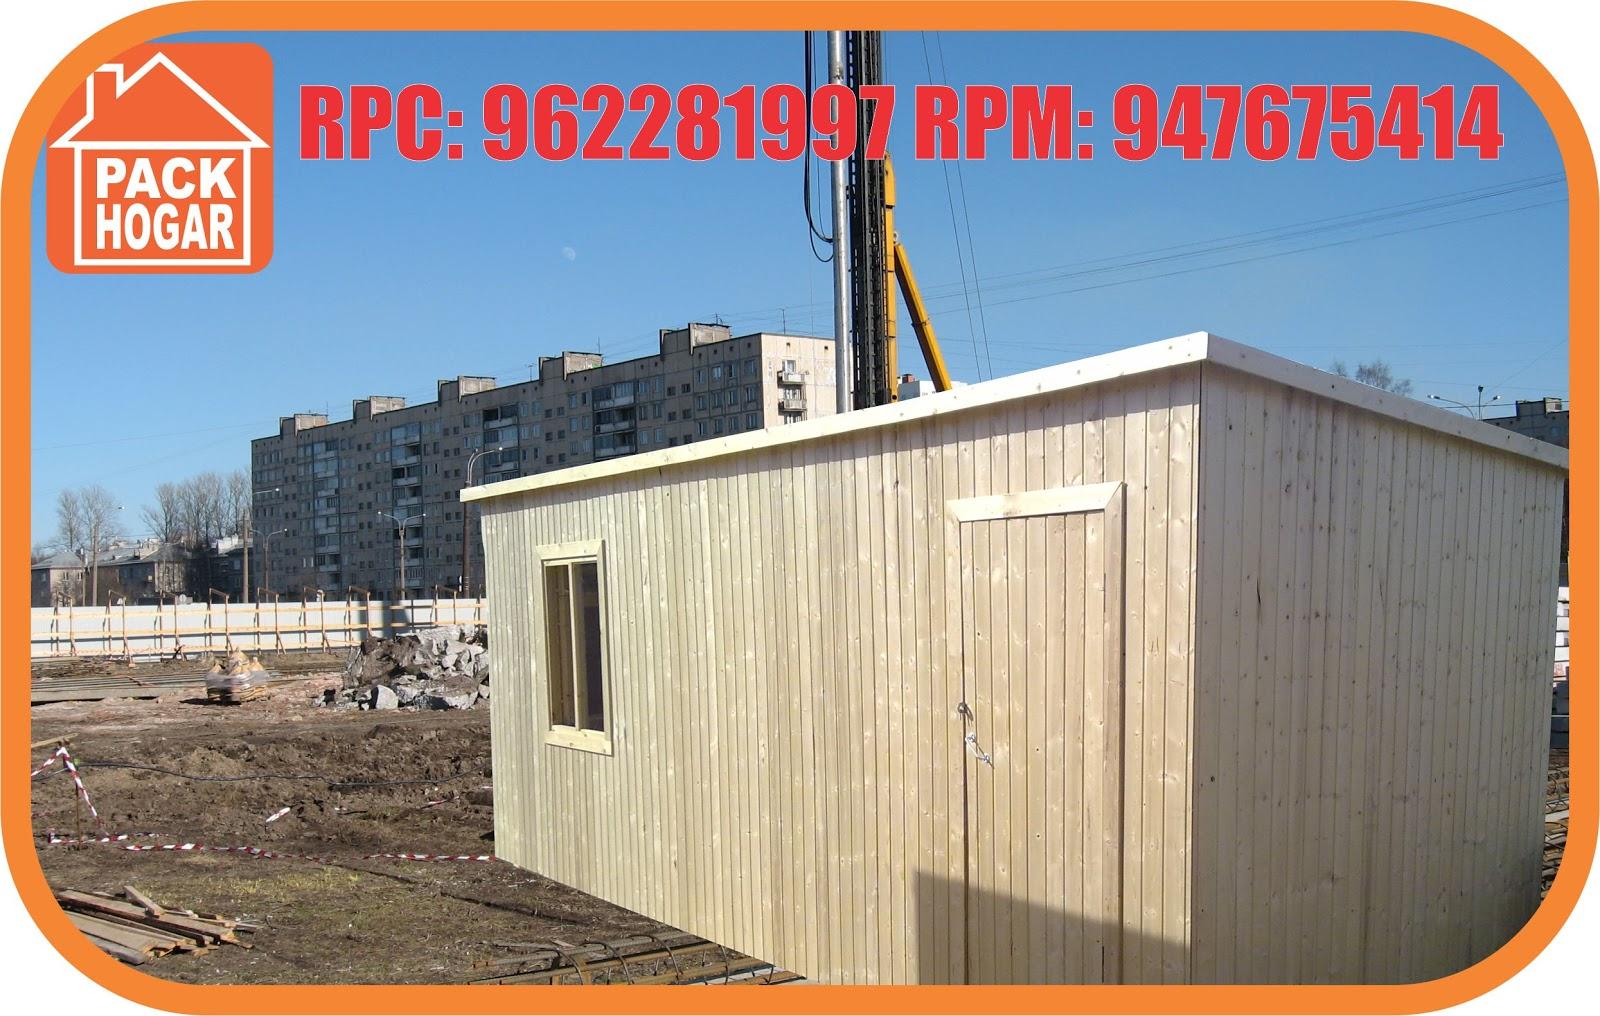 Casetas prefabricadas para oficinas en obras packhogar for Casetas para terrazas